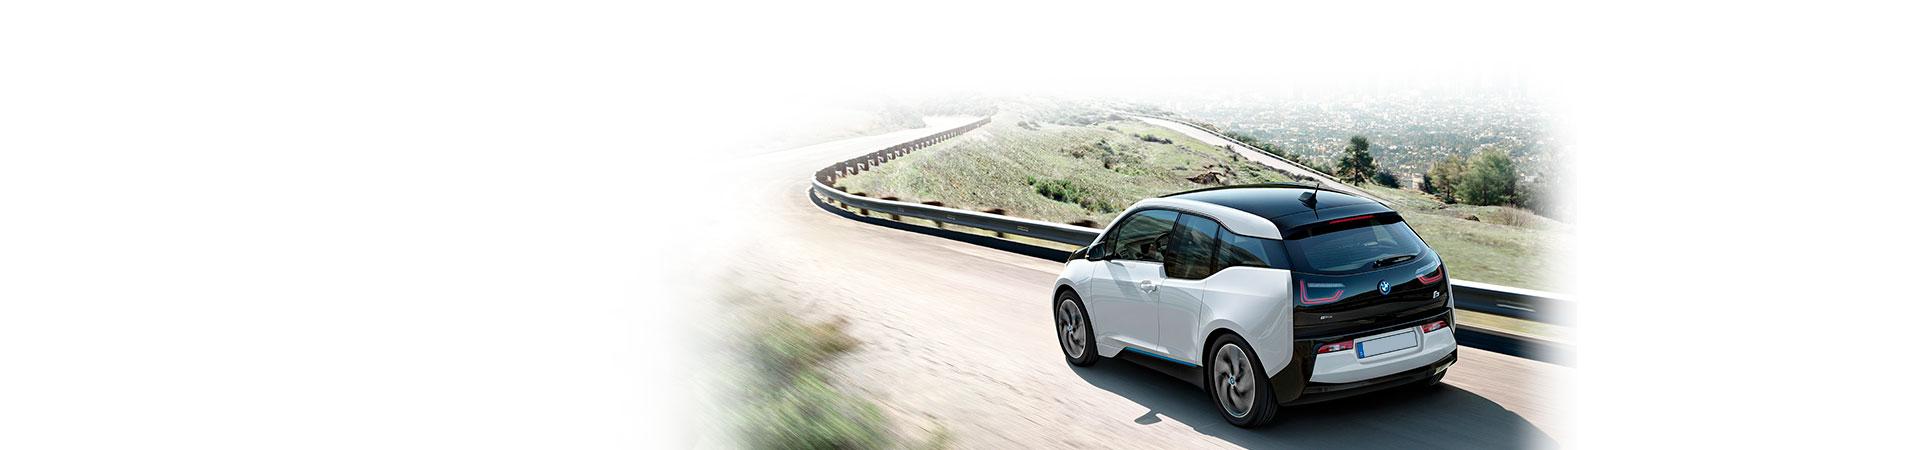 Coche eléctrico BMW en Movelco